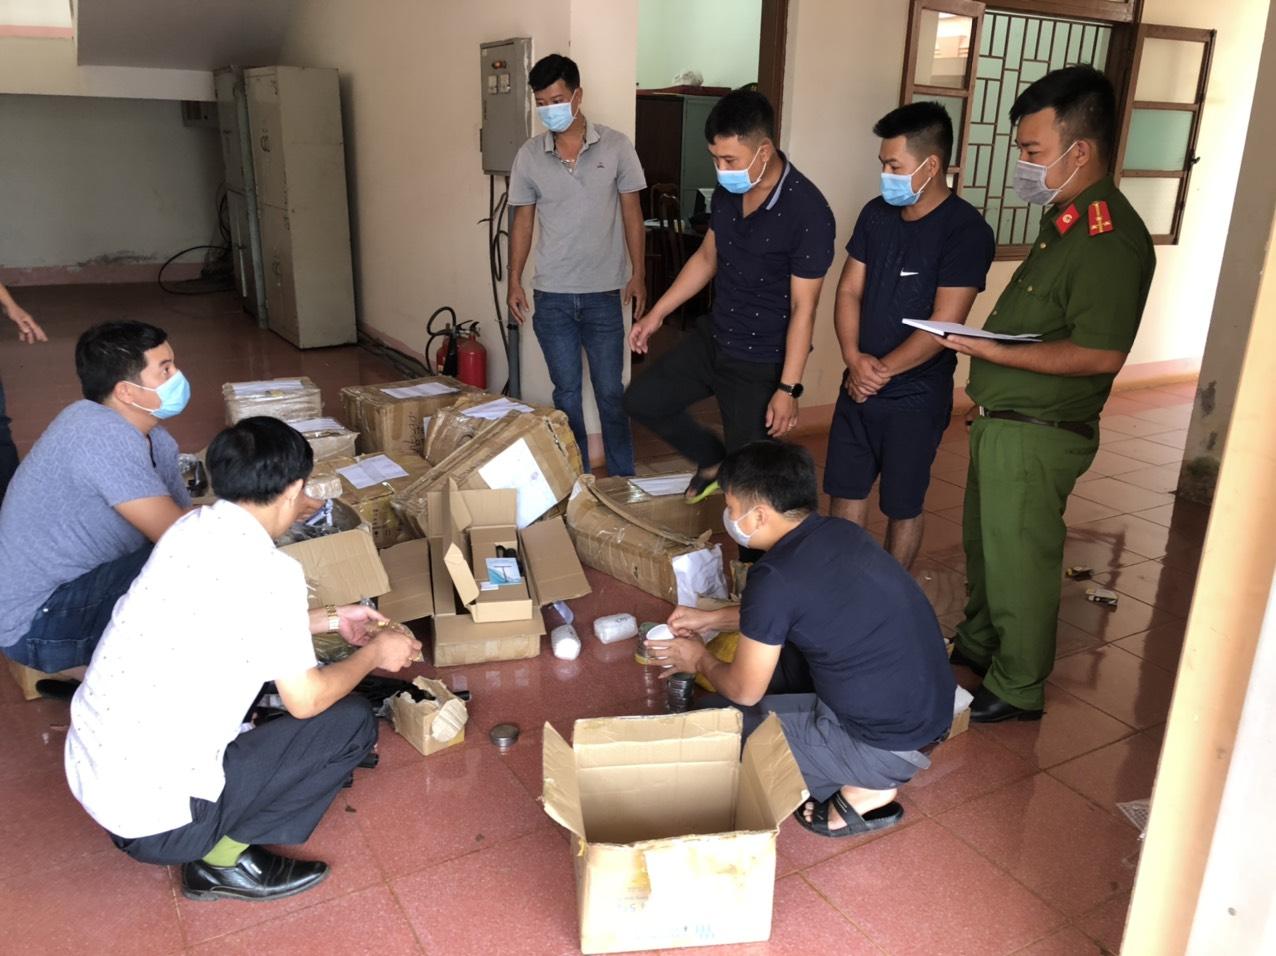 kiem tra 1629119358056960214349 Đắk Nông: Bắt nhóm đối tượng buôn bán súng đạn trái phép số lượng lớn